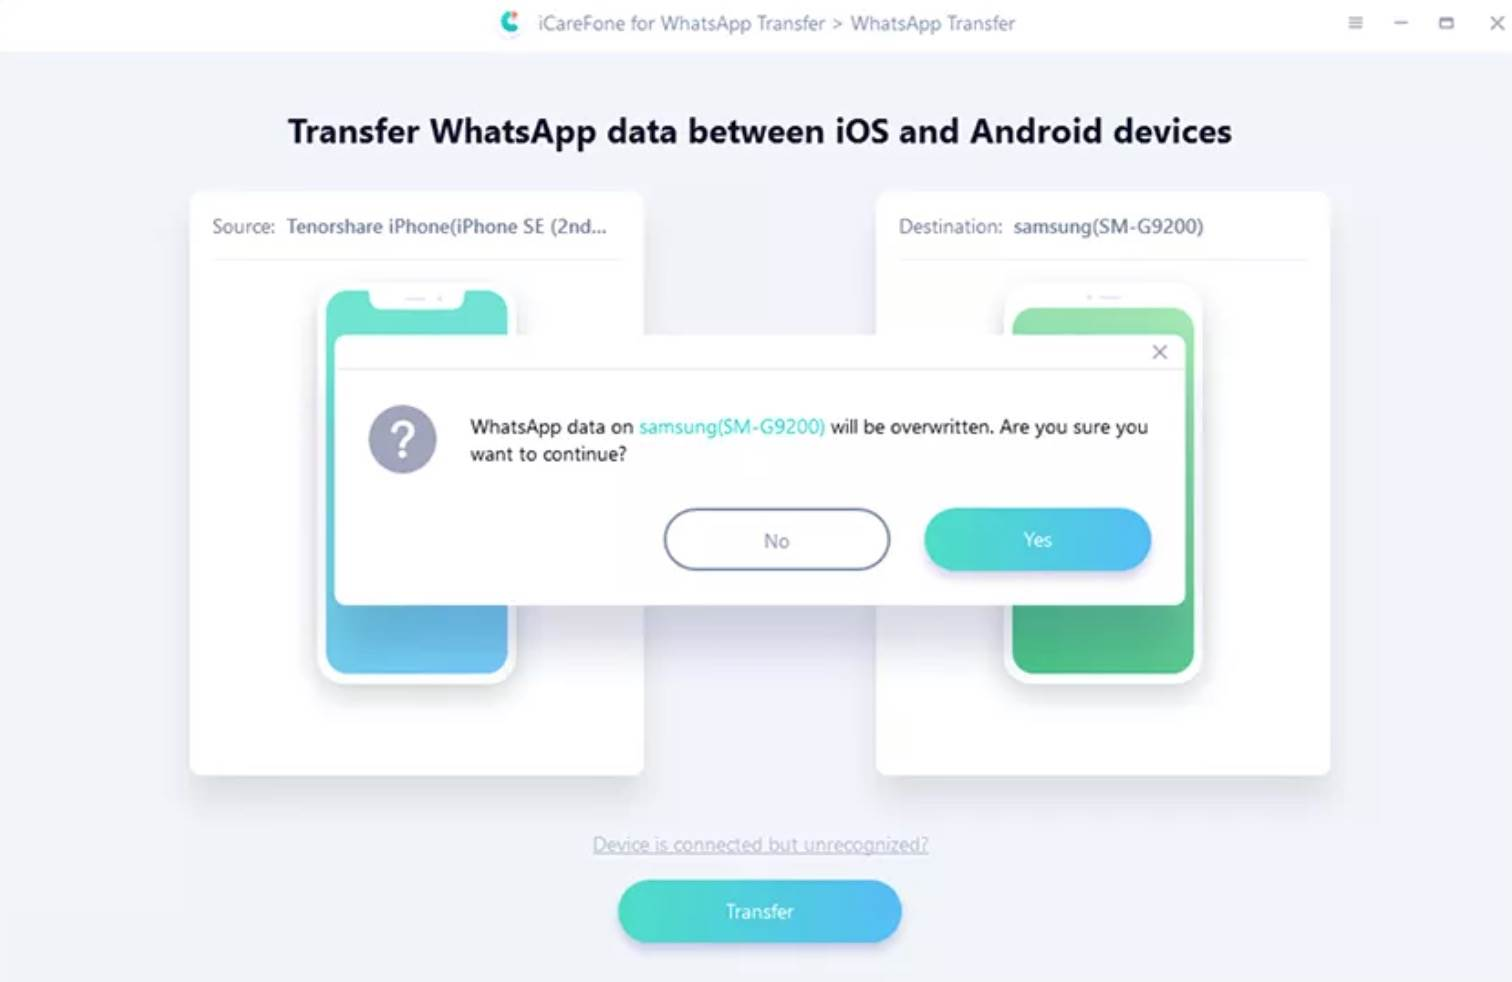 iCareFone: przesyłaj, twórz kopie zapasowe i przywracaj dane WhatsApp polecane, ciekawostki WhatsApp, jak przeniesc whastapp, iCareFone Whatsapp Transfer, iCareFone  Ponad miliard ludzi regularnie korzysta z komunikatora WhatsApp, który zapewnia bezpieczną komunikację z naszymi przyjaciółmi i rodziną. Wszystko fajnie pięknie, ale problem pojawia się wtedy, gdy chcemy przenieść czaty do nowego telefonu z innym systemem.  1@2x 31